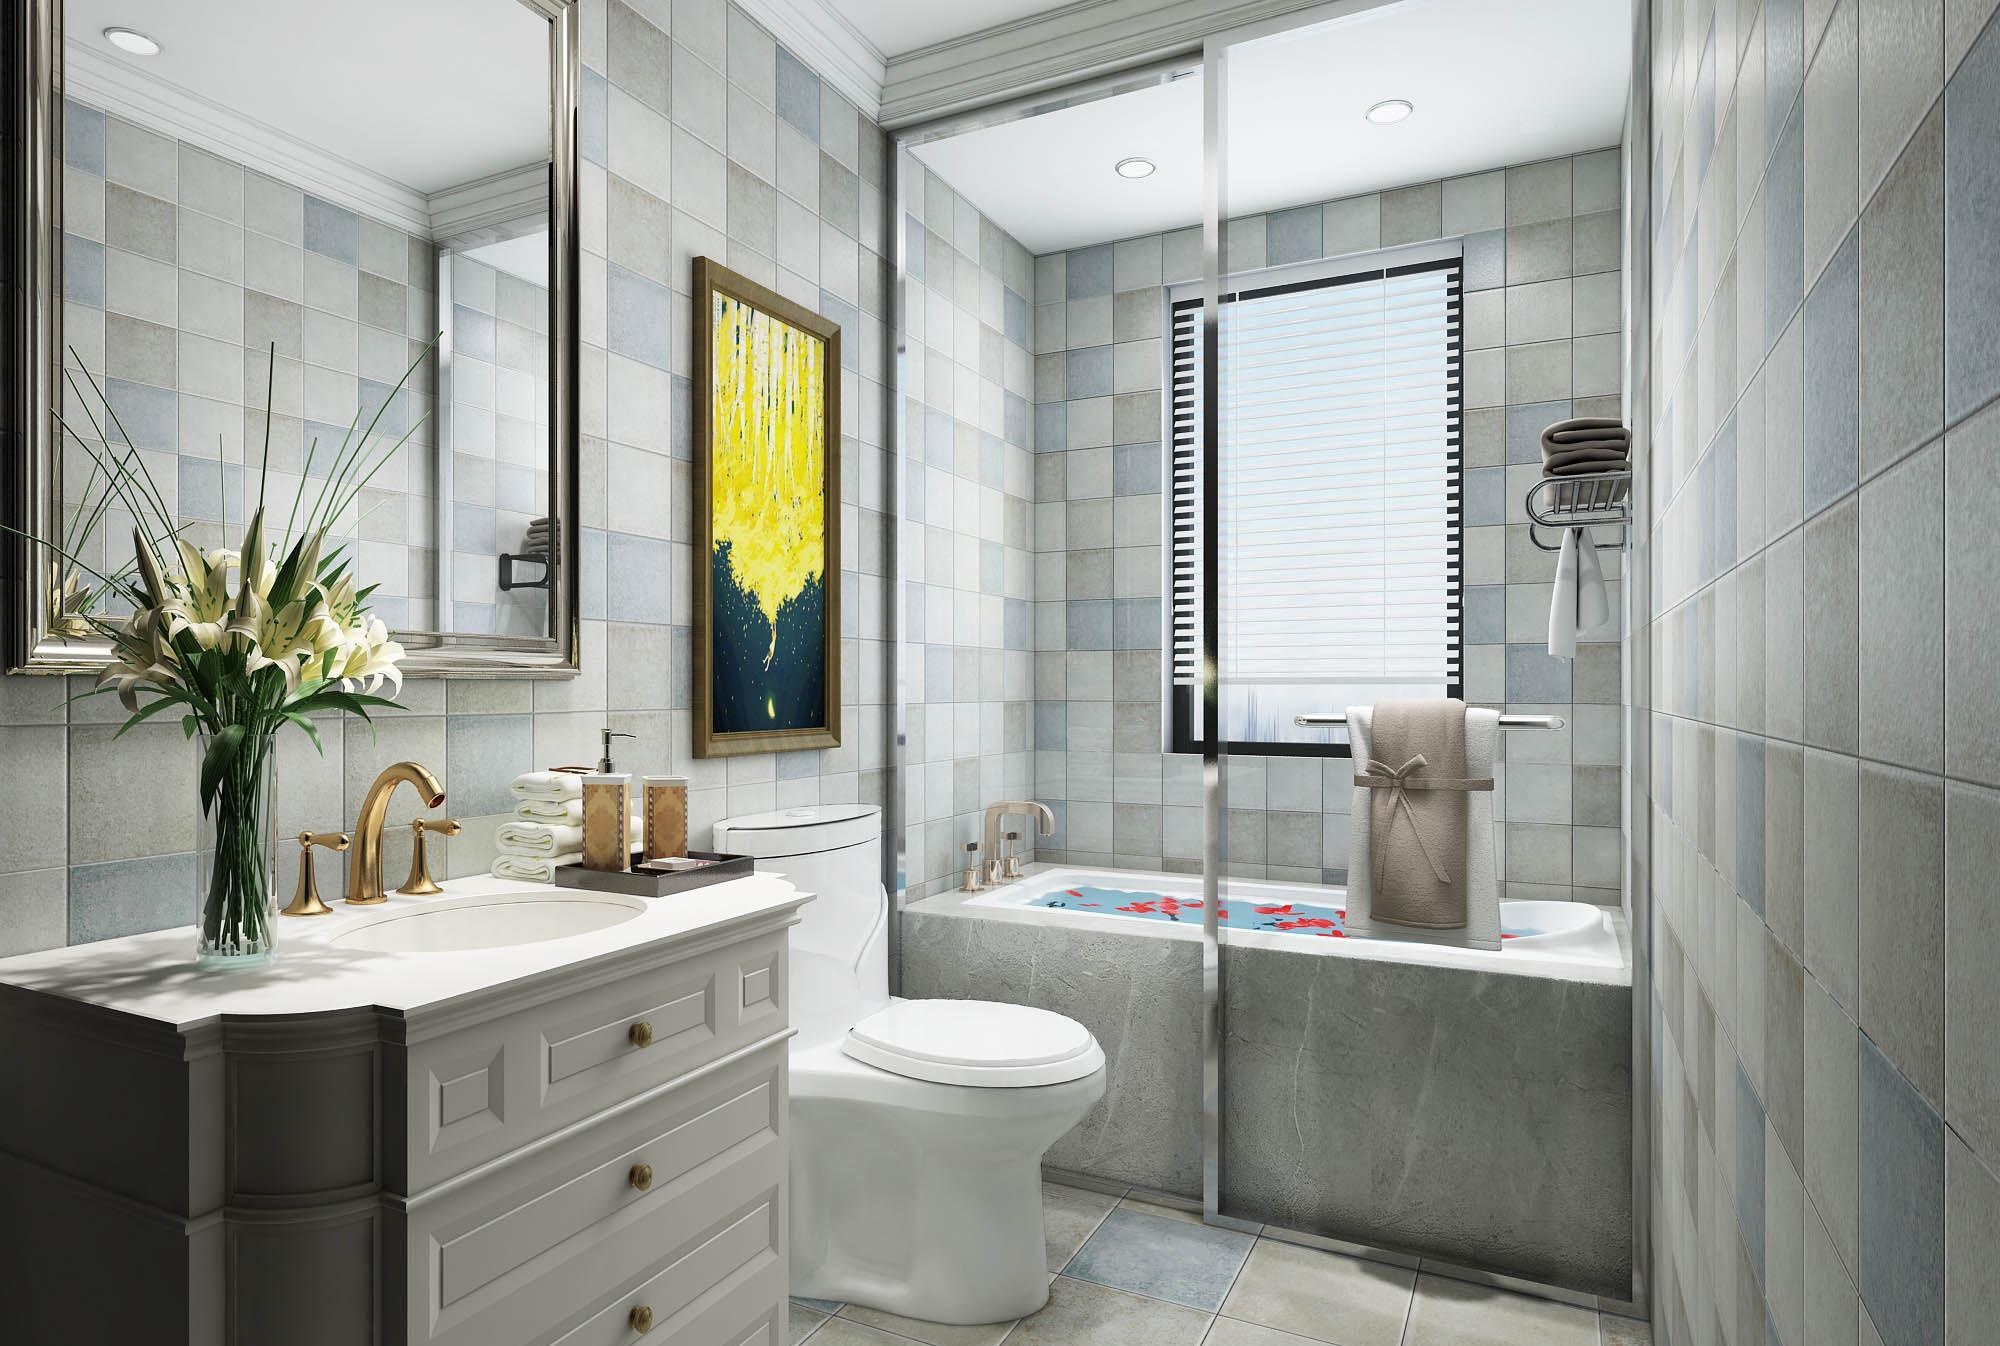 卫生间装修注意什么?4个小户型卫生间装修,好看又省空间!